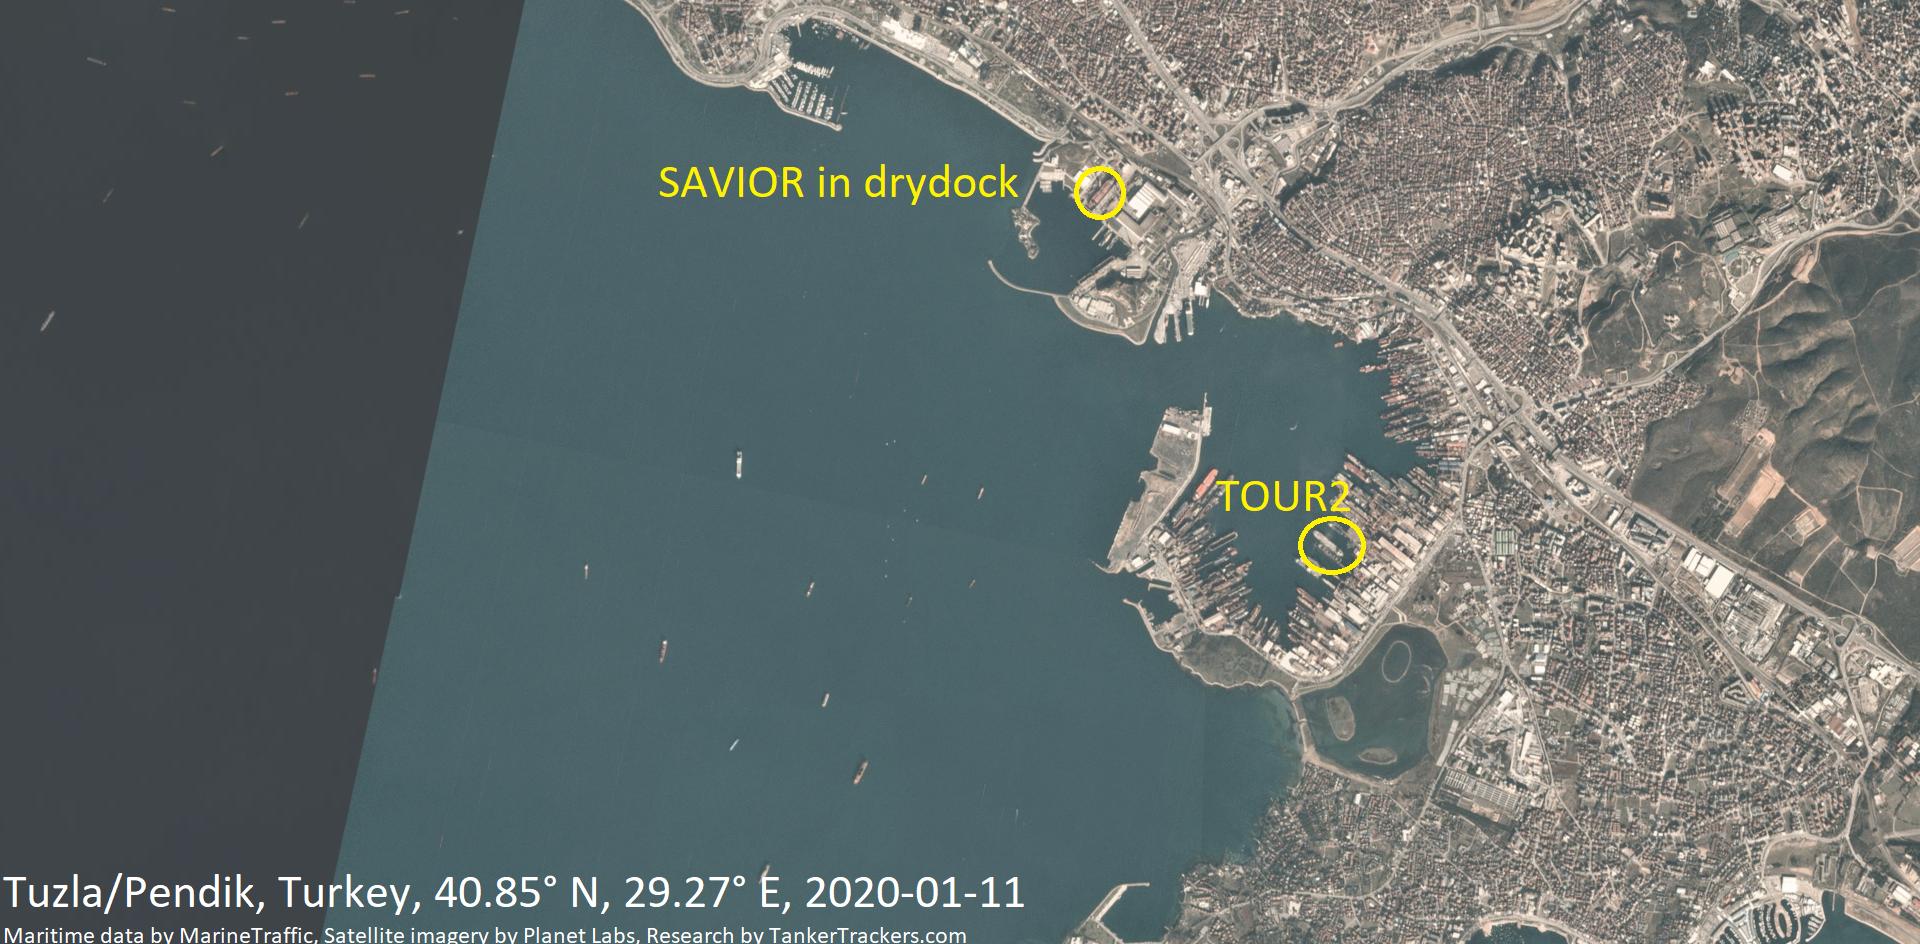 2020-01-11-TOUR2-and-SAVIOR-at-Pendik-Turkey